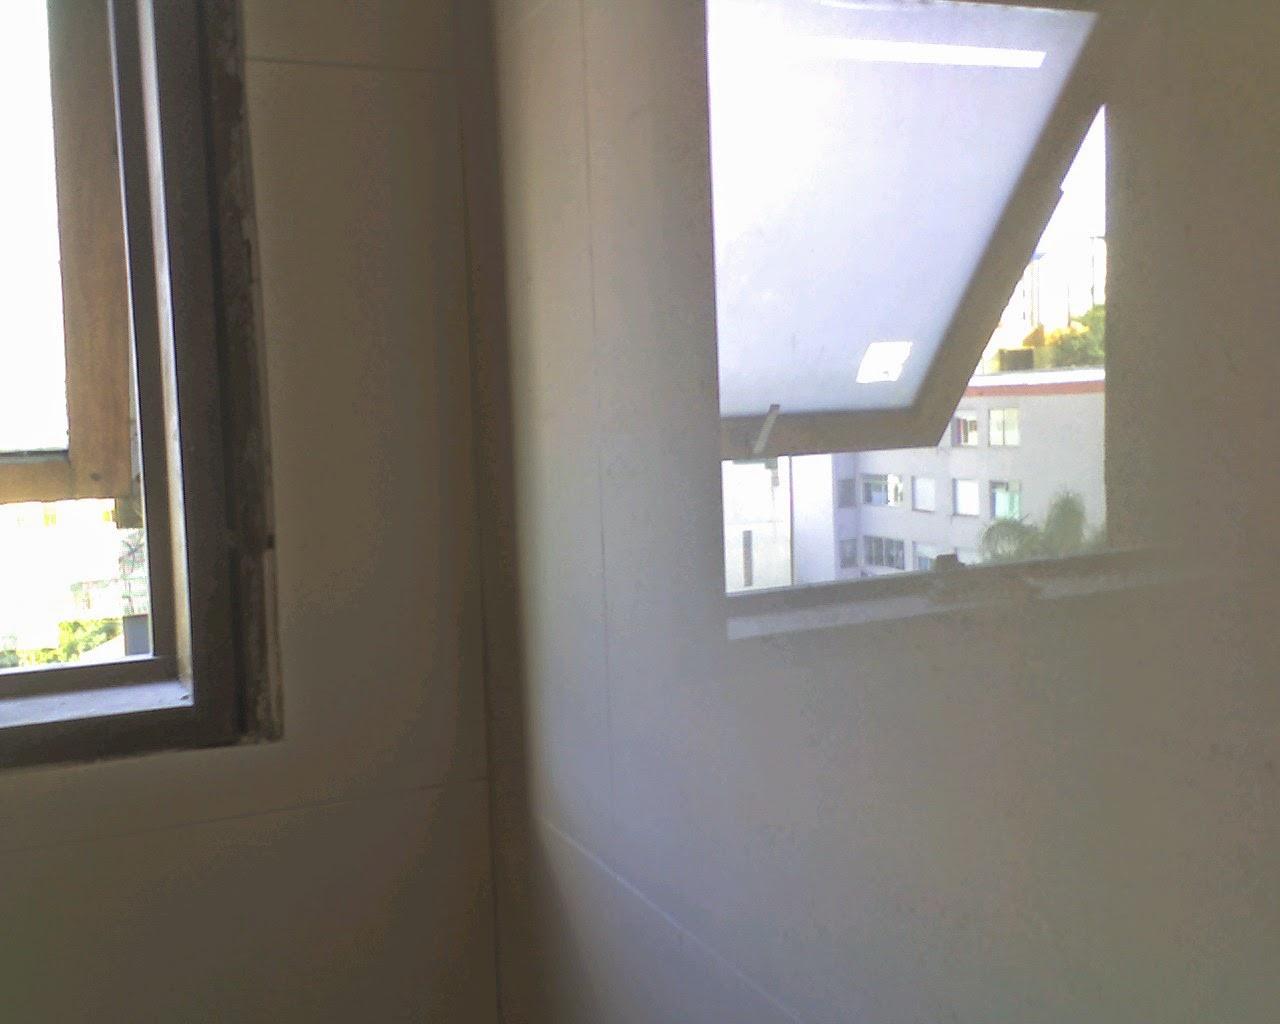 para nas faixas verticais com azulejo espanhol quadriculado em tons de  #888443 1280x1024 Banheiro Com Azulejo Quadriculado